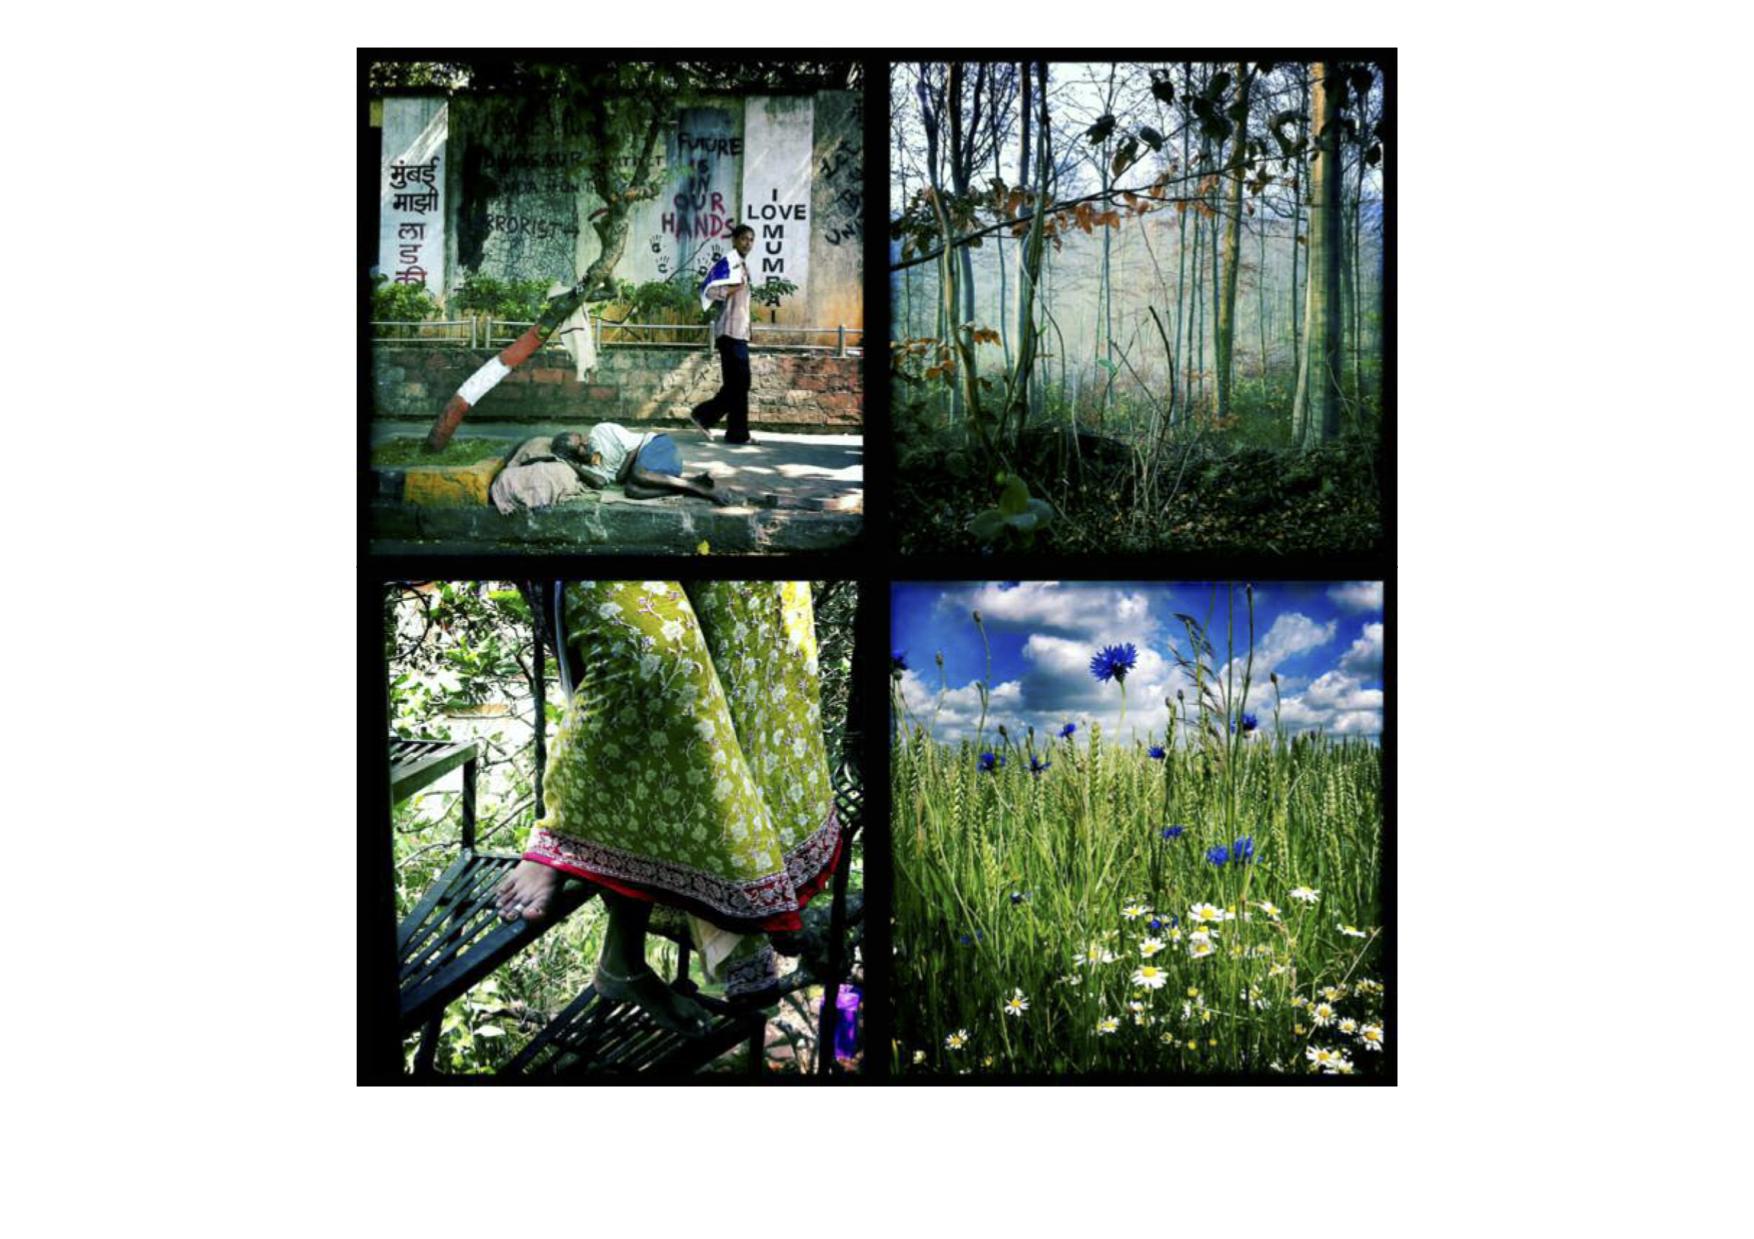 manflorrfootflowers-1527759499.jpg